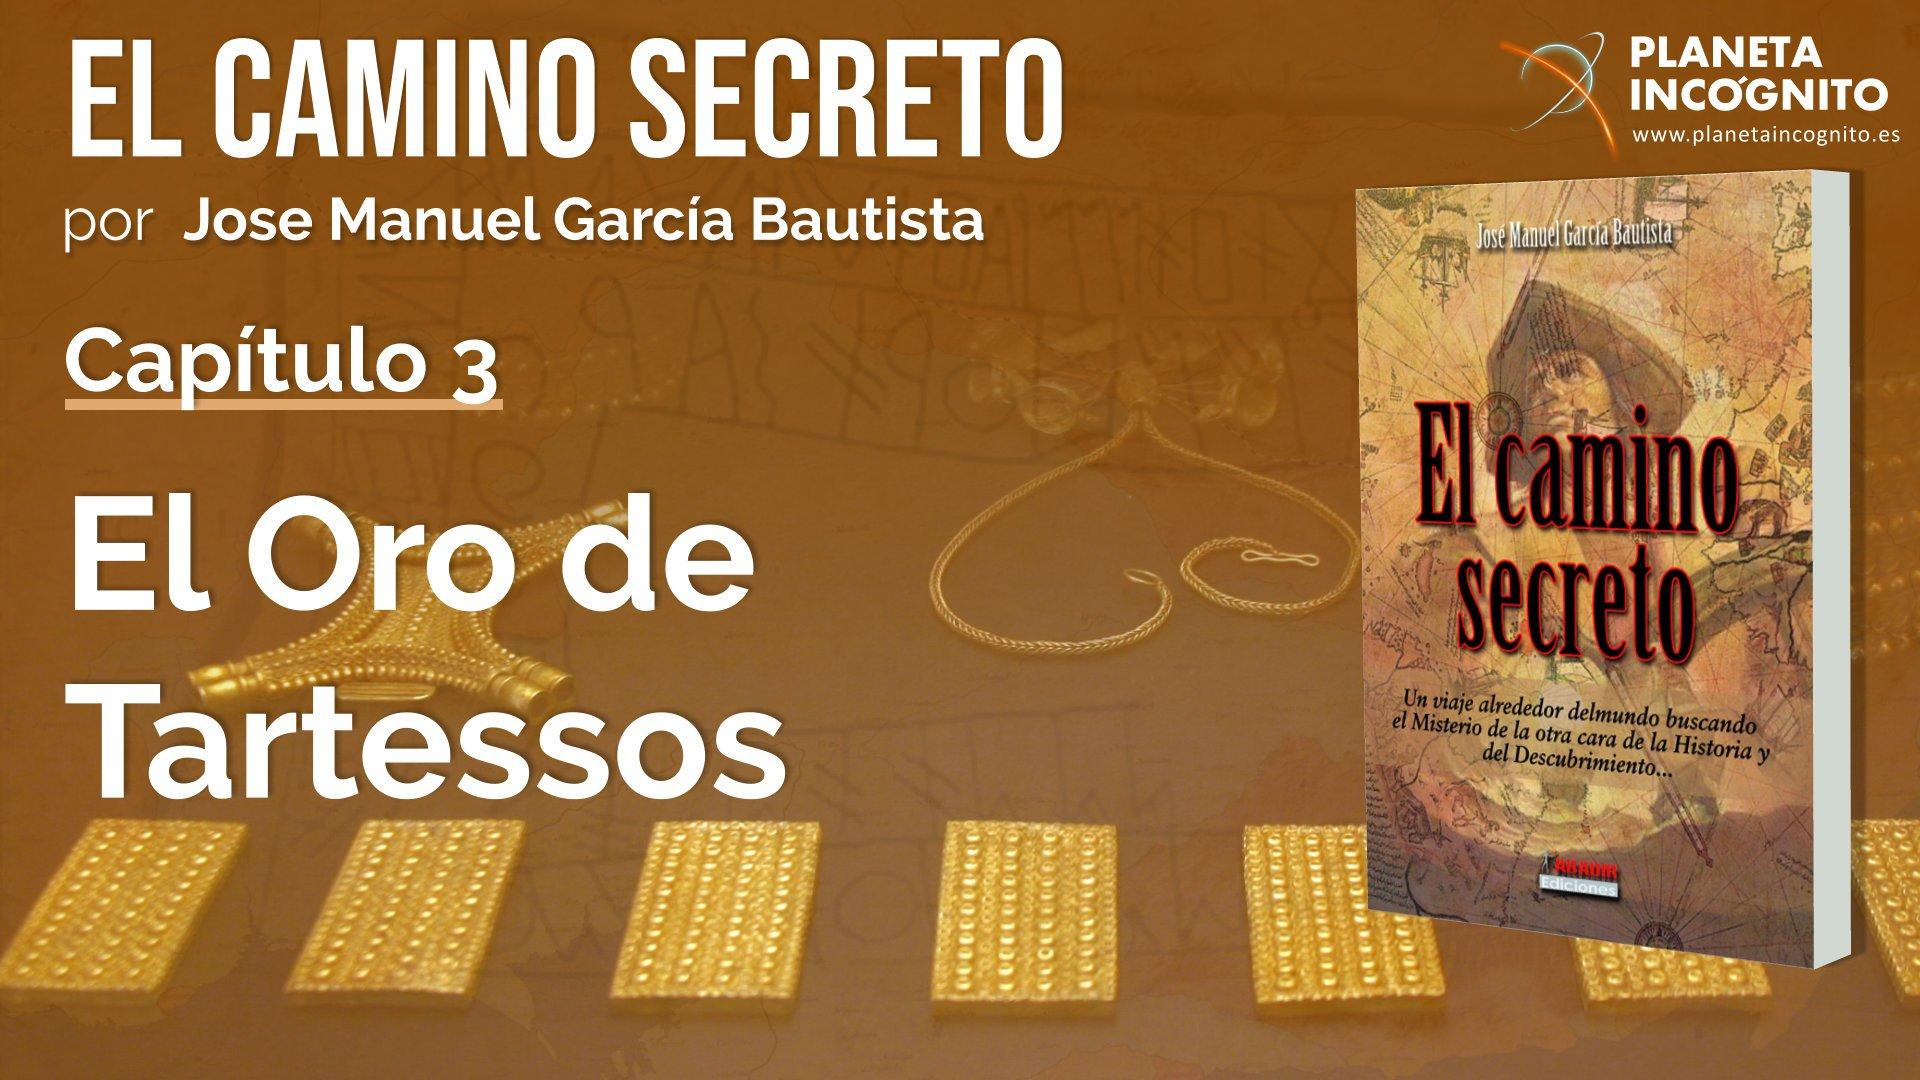 El Camino Secreto – Jose Manuel García Bautista – 4º fascículo – Capítulo 3 – El oro de Tartessos 1